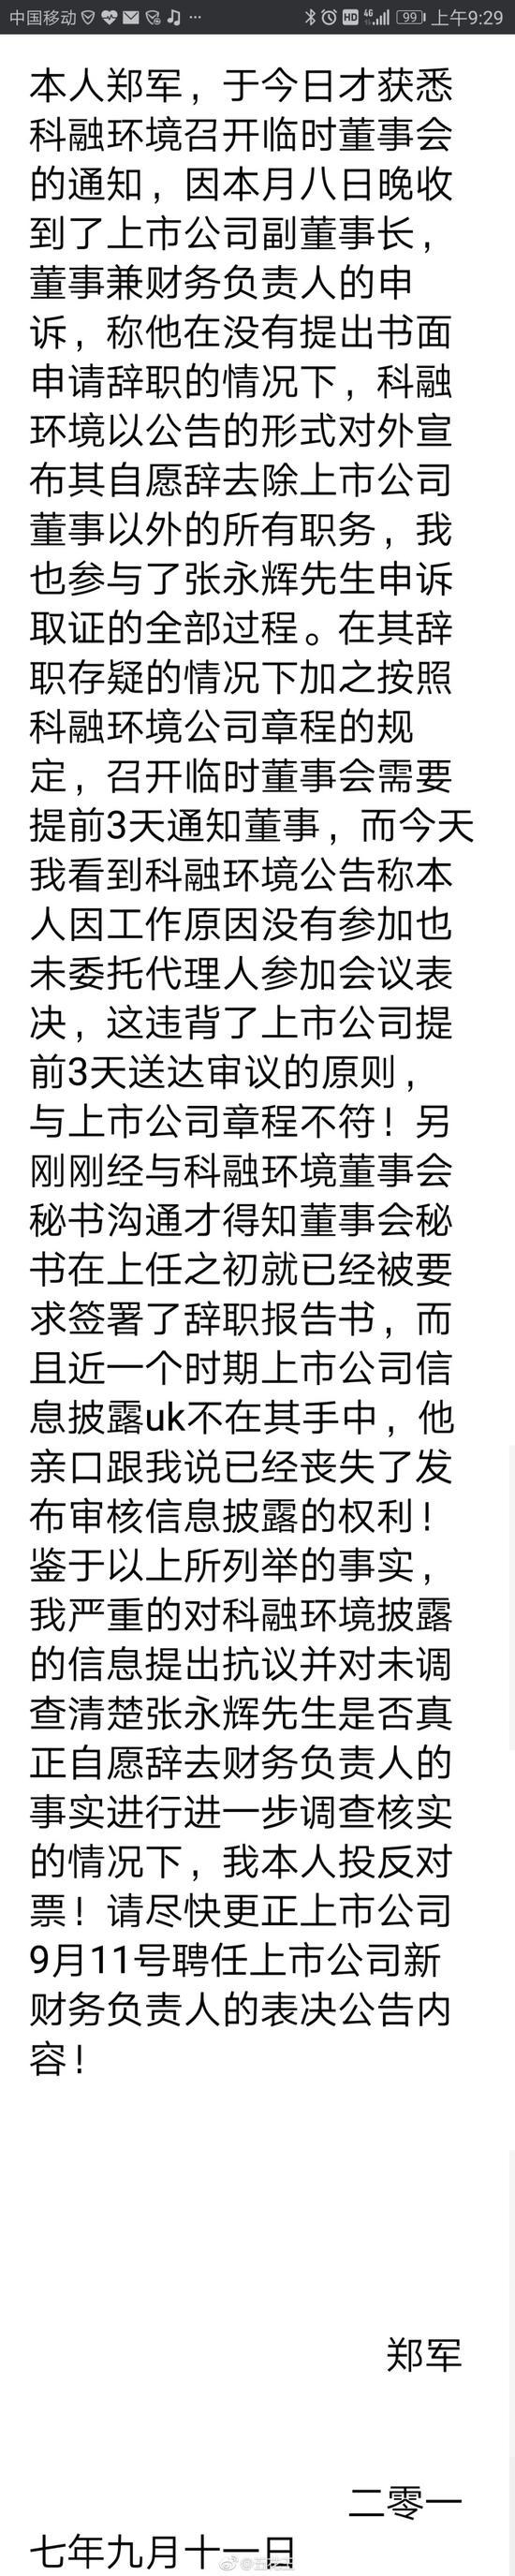 """科融环境疑陷内斗:公告0票反对 董事""""补投""""反对票"""